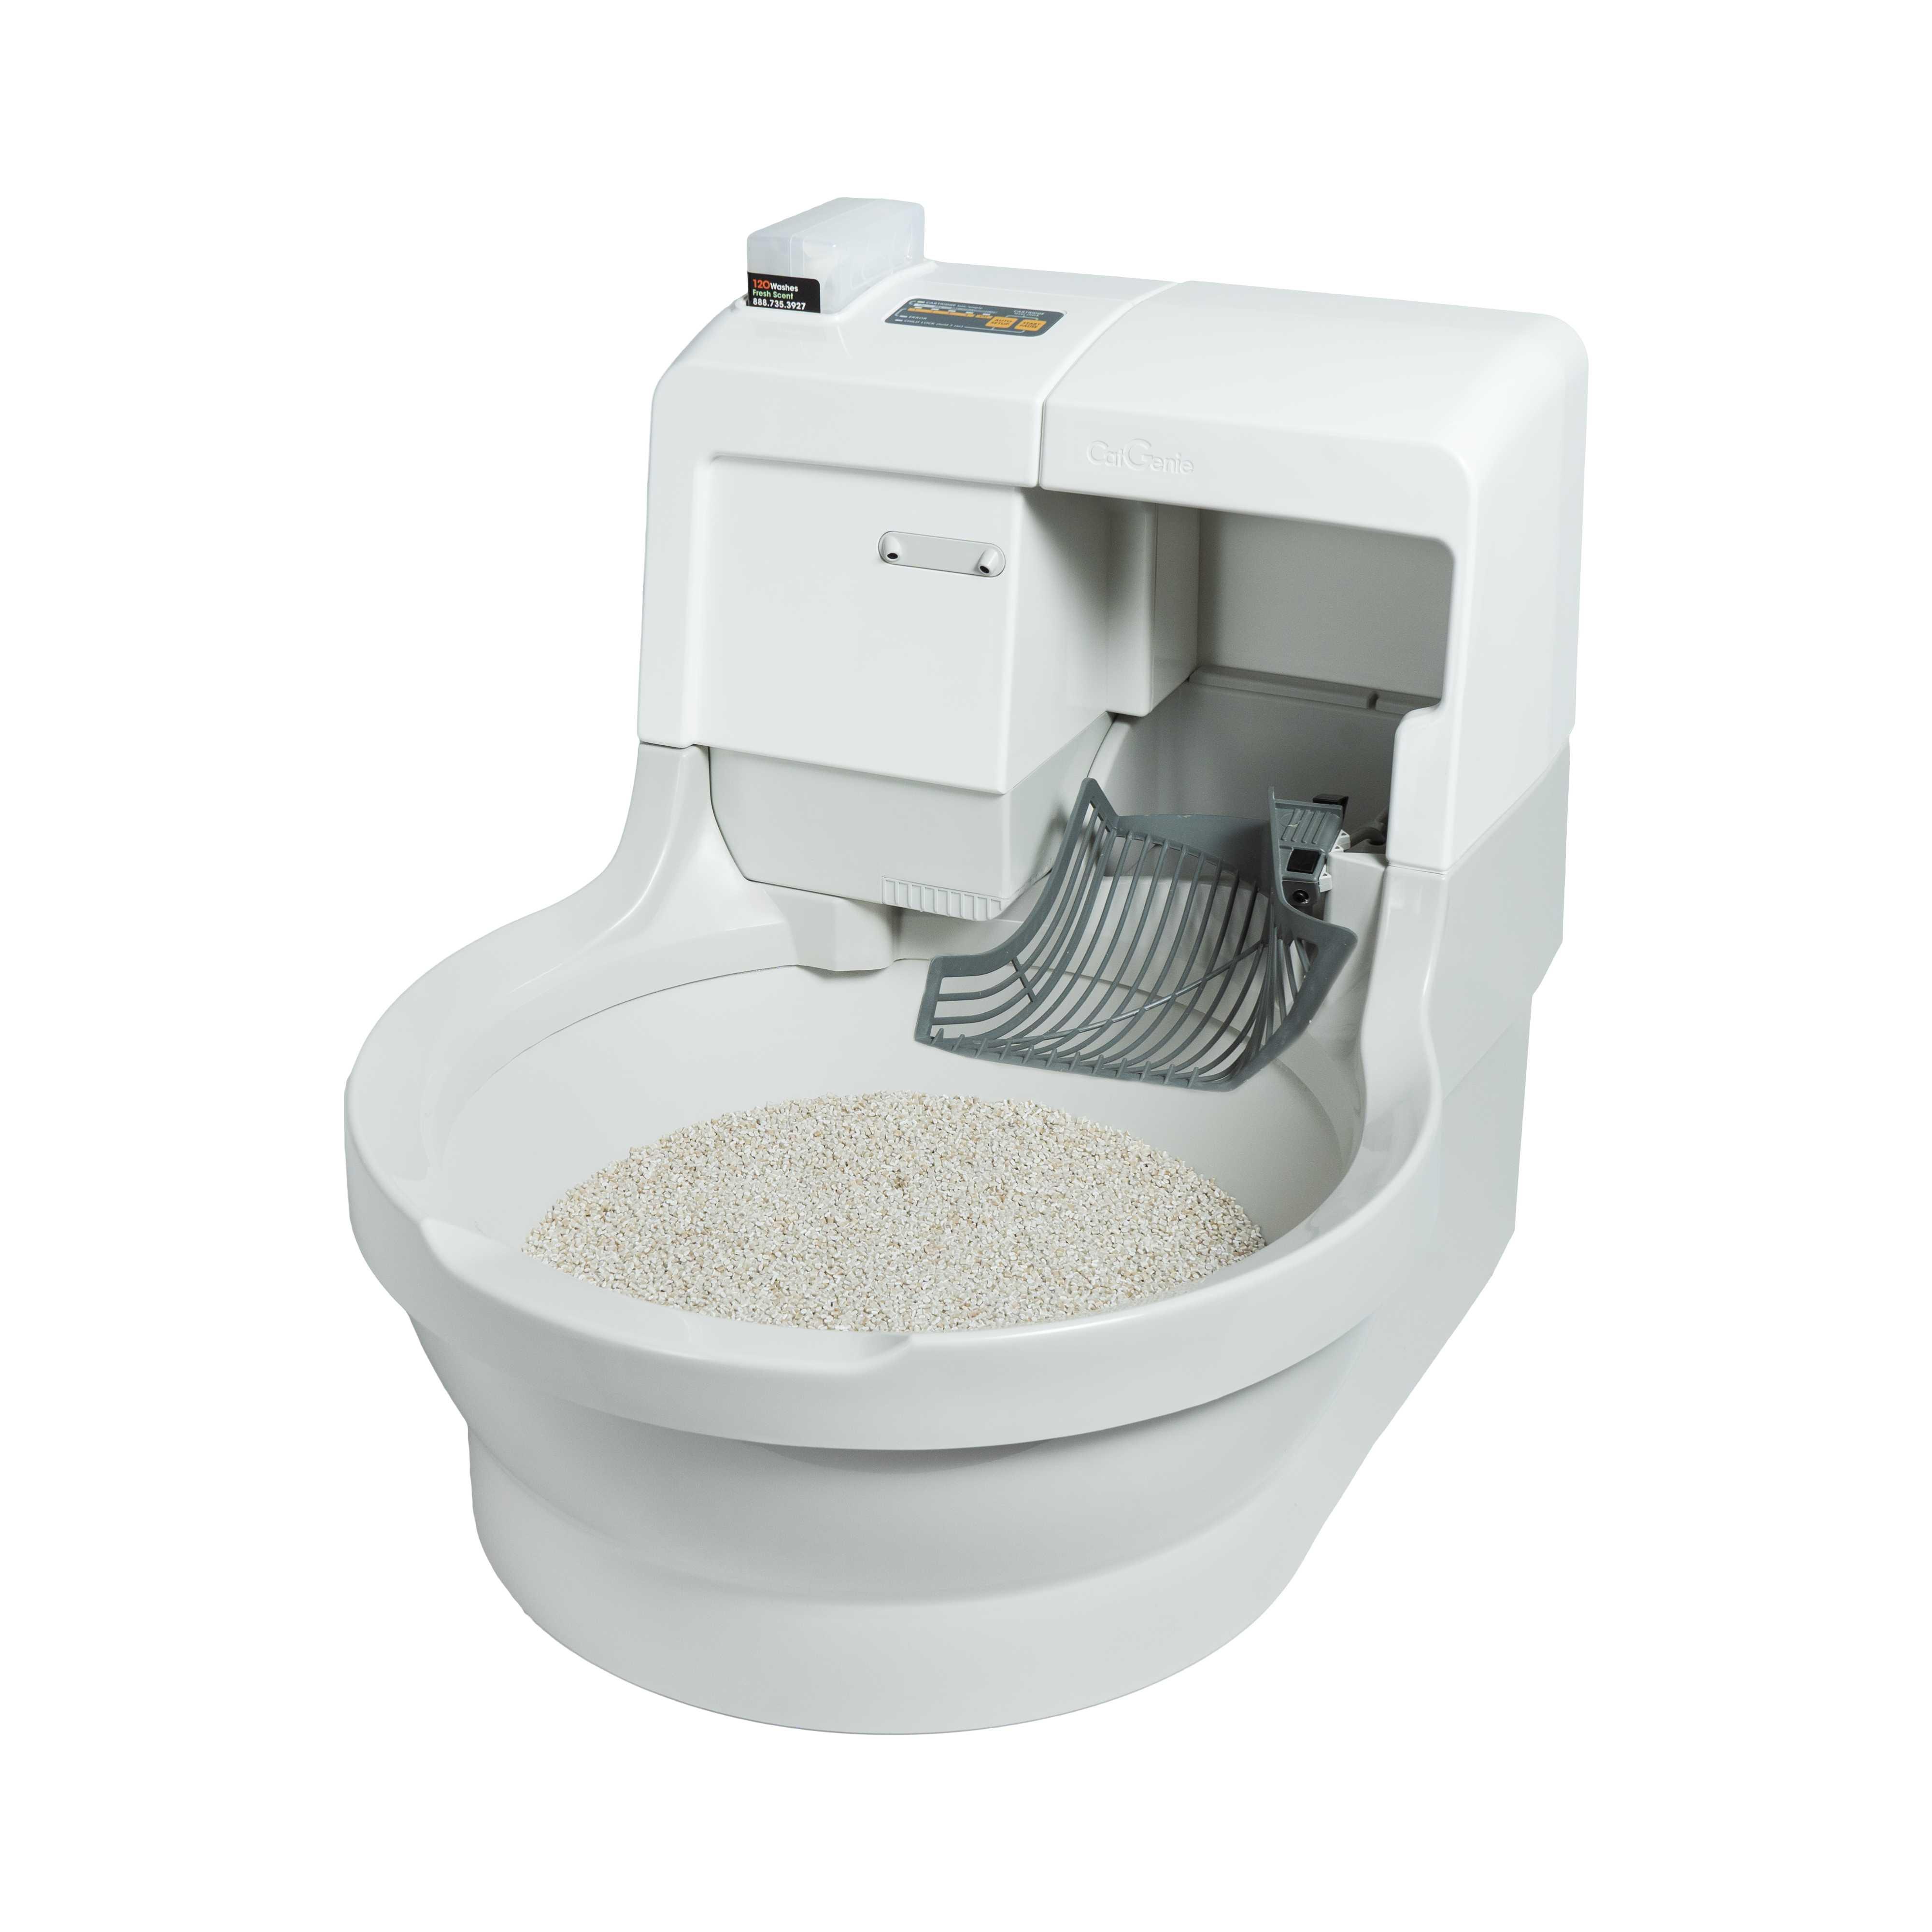 Туалет для кошек самоочищающийся: достоинства и недостатки автоматического кошачьего лотка